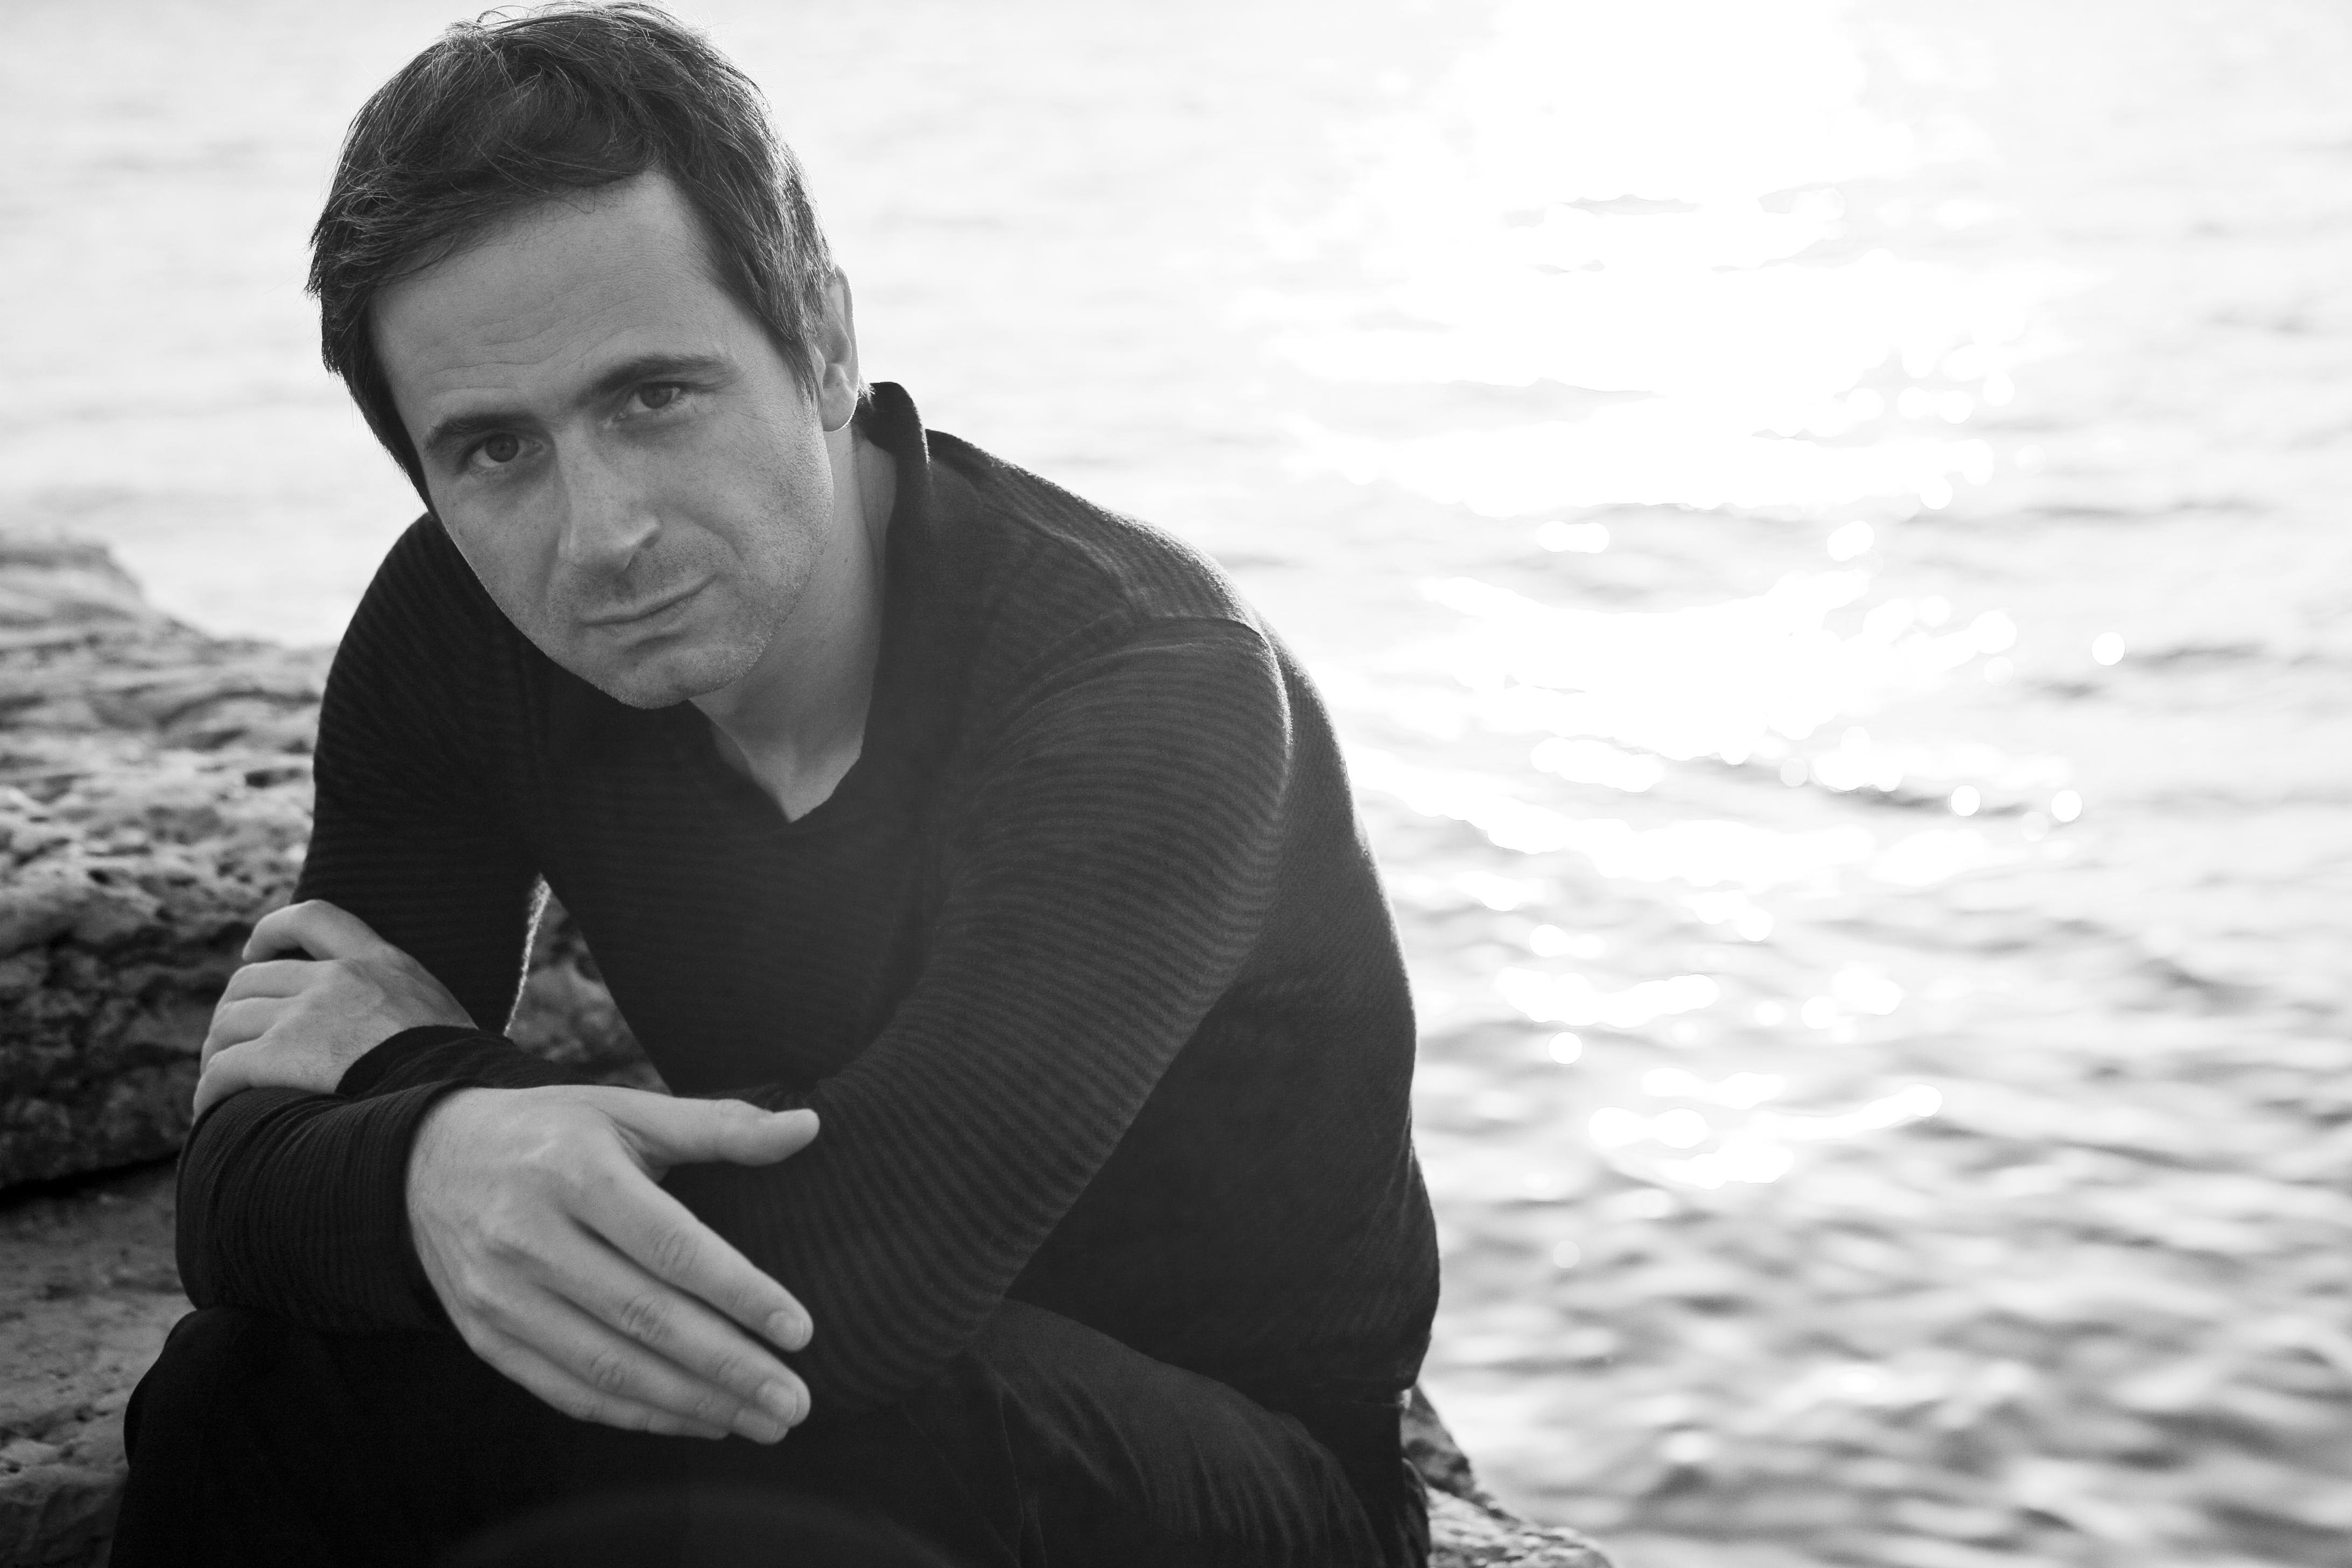 Piotr Anderszewski © MG de Saint Venant